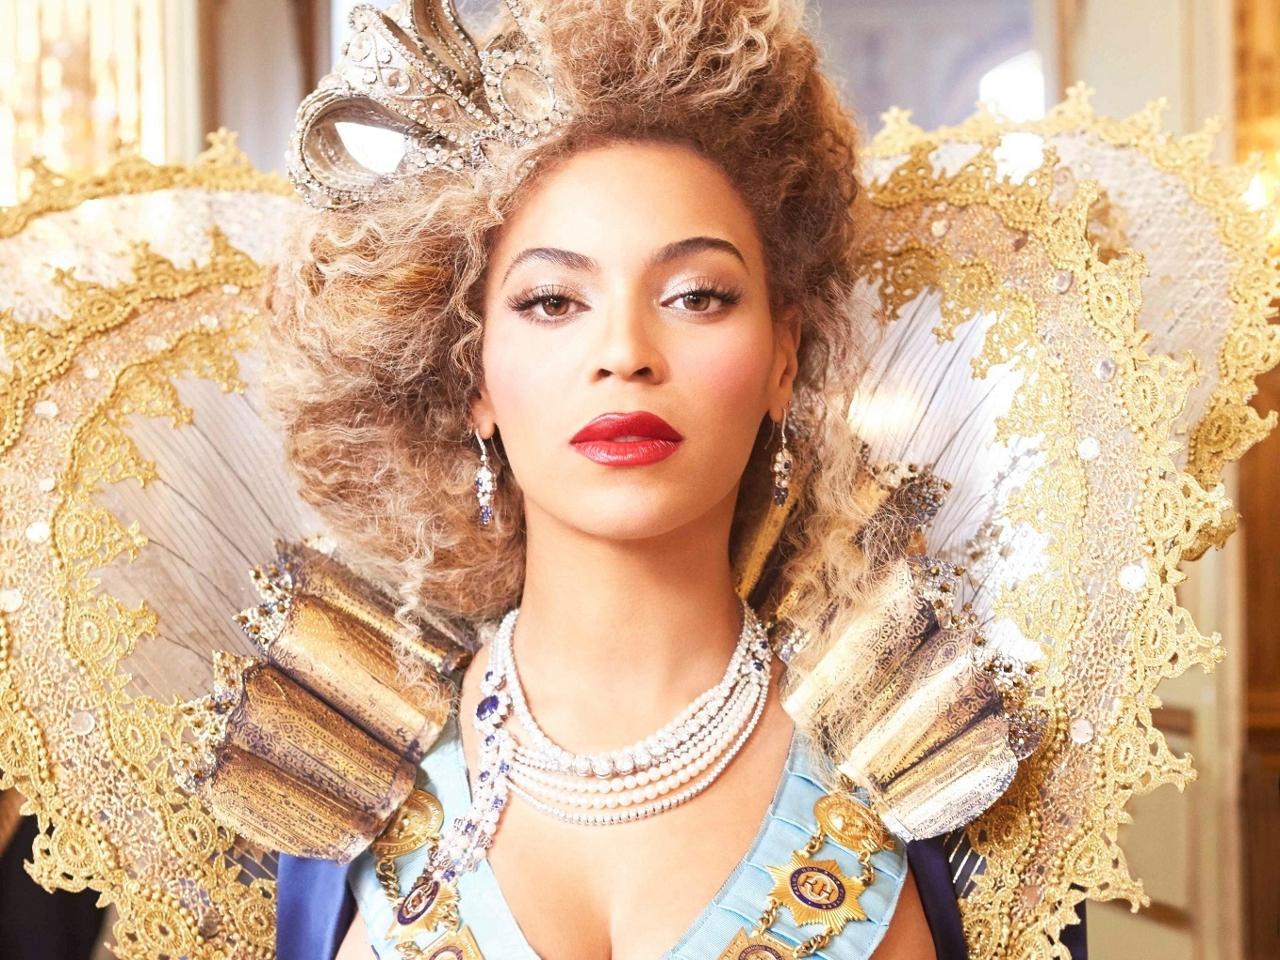 """Beyonce """"impolie, stupide et grossière"""", privée de visite des pyramides d'Egypte !"""